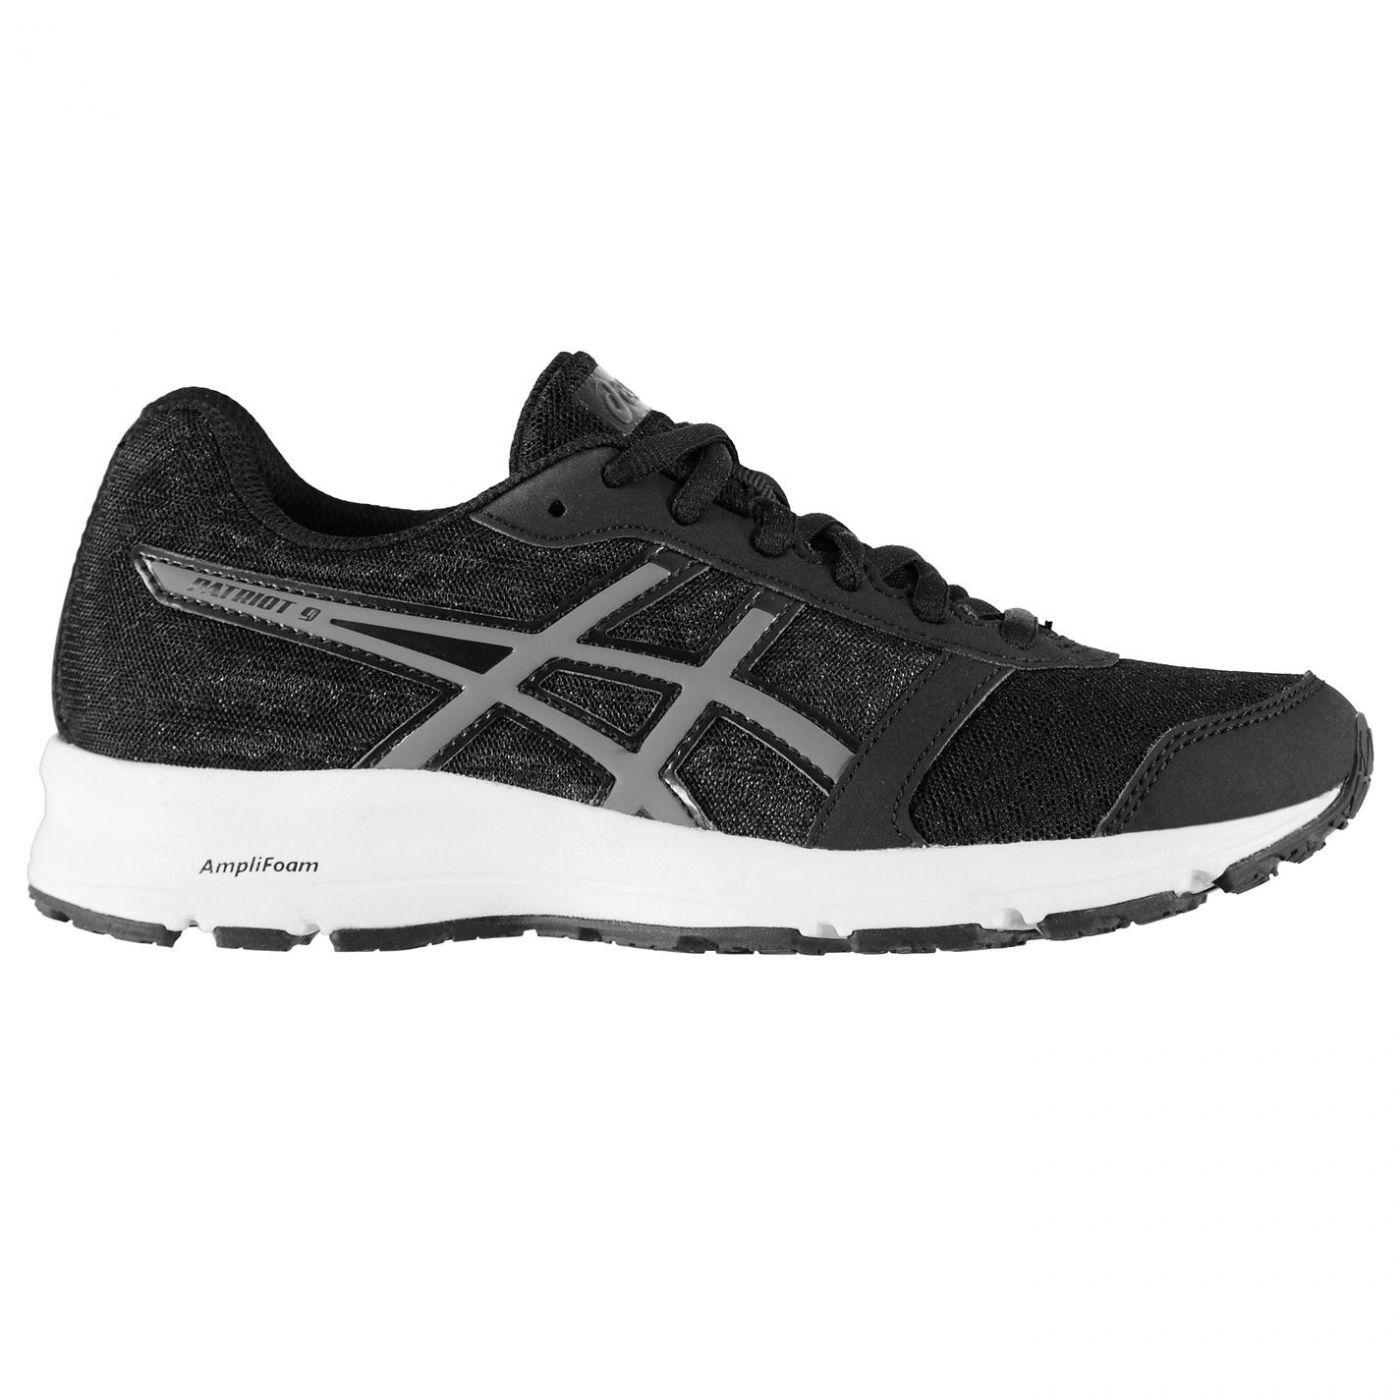 Asics Patriot 9 Running Shoes Ladies